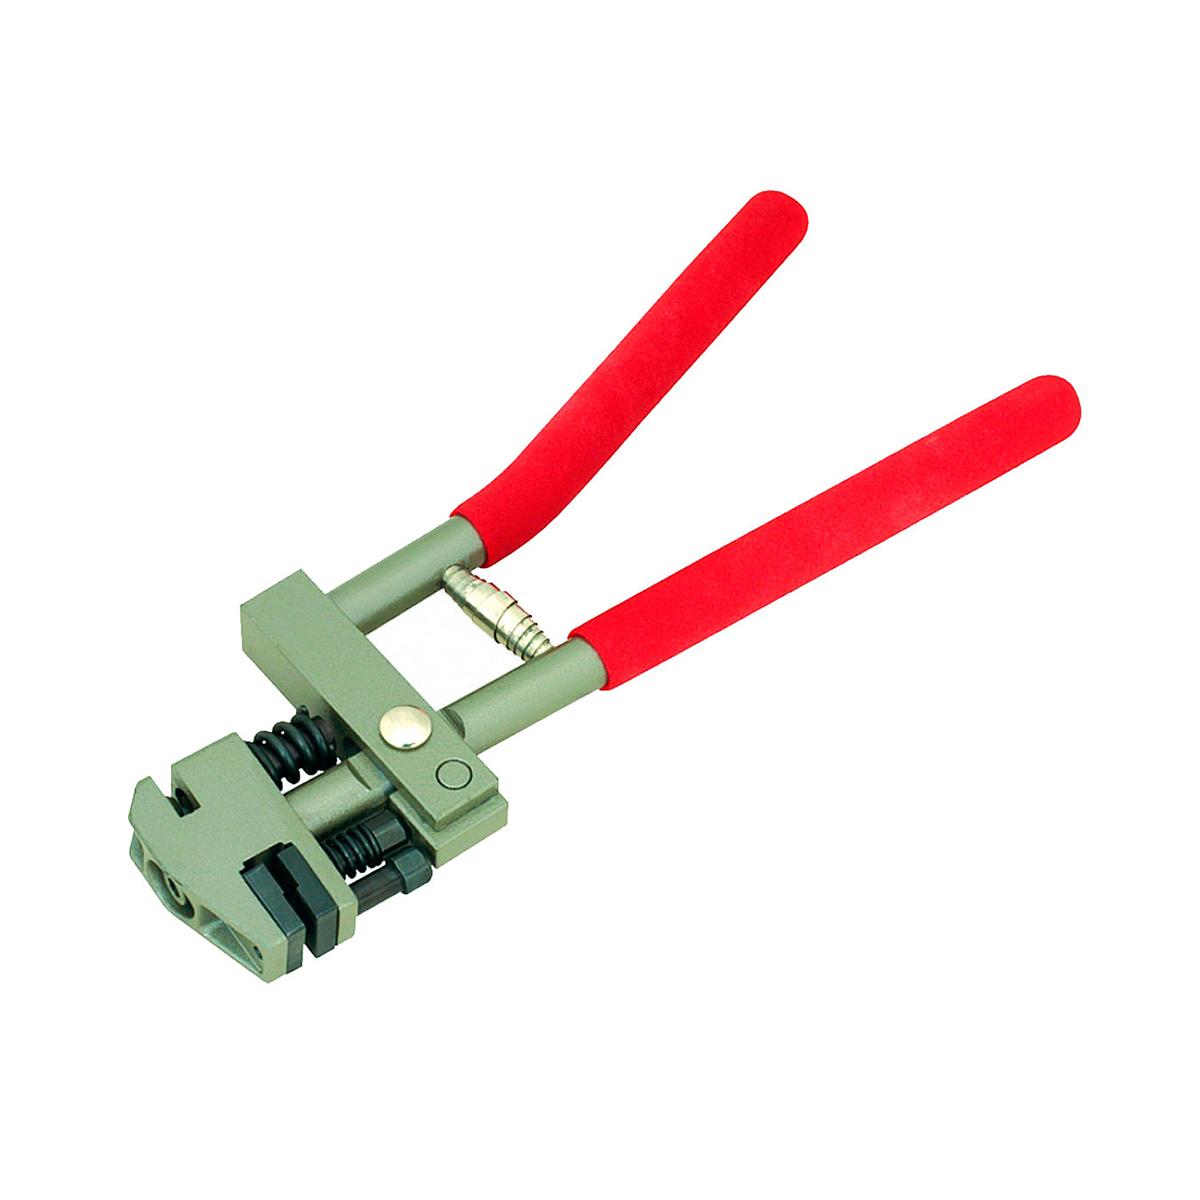 Пробойник для металла, диаметр отвертия 6 мм, толщина до 1,2 мм Car-Tool CT-V1723